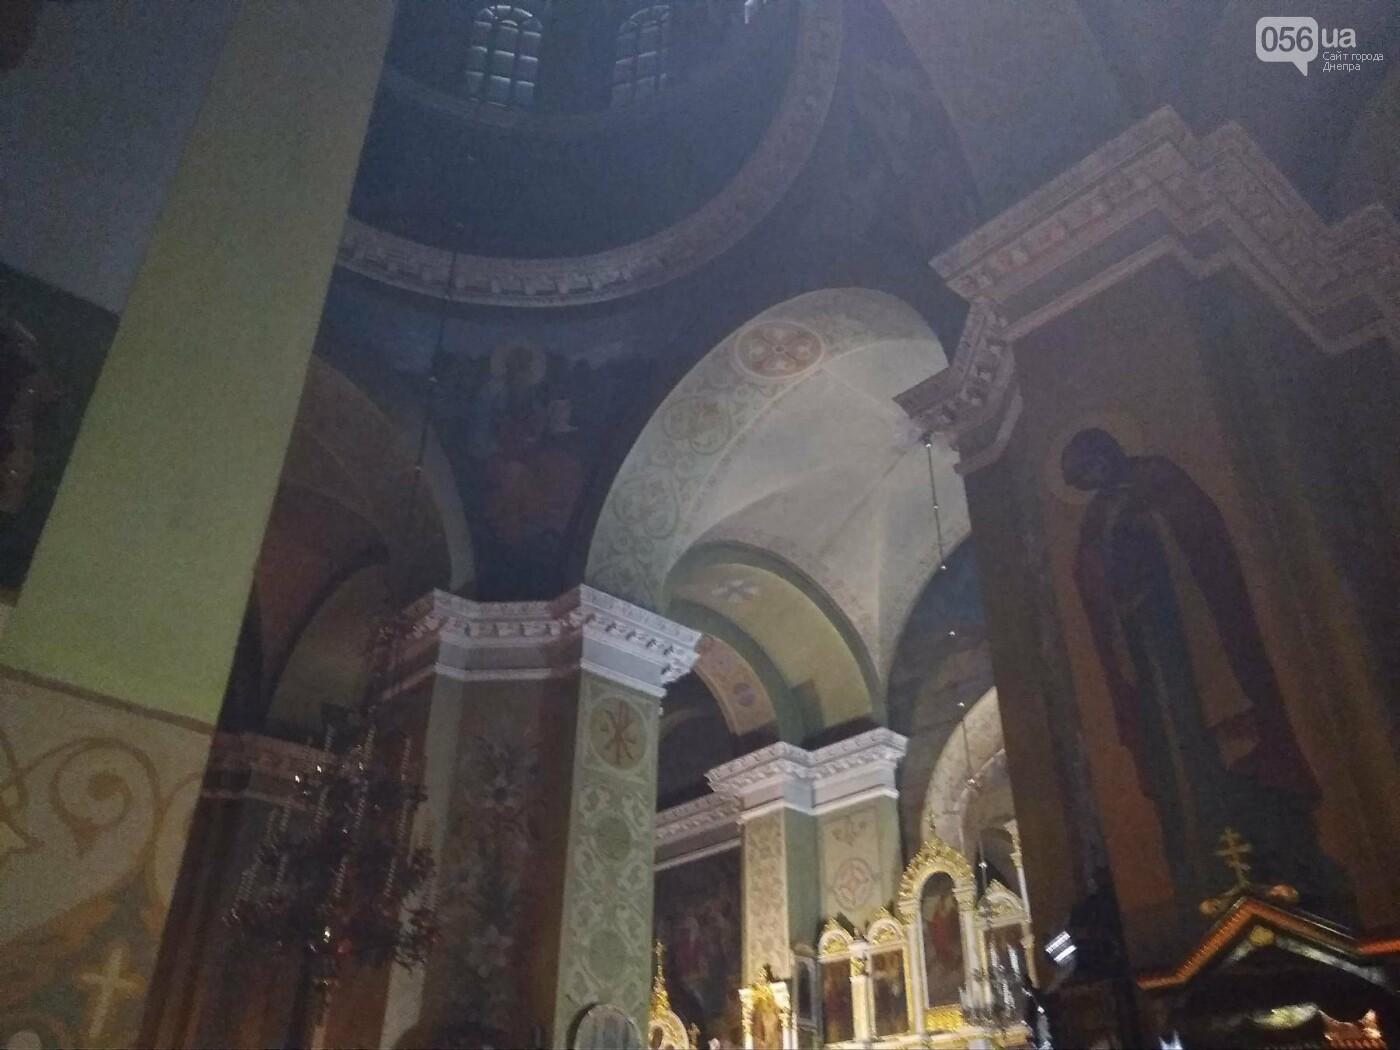 Пасха в Днепре: как встретили Воскресение Христа в главном кафедральном соборе (ФОТОРЕПОРТАЖ), фото-3